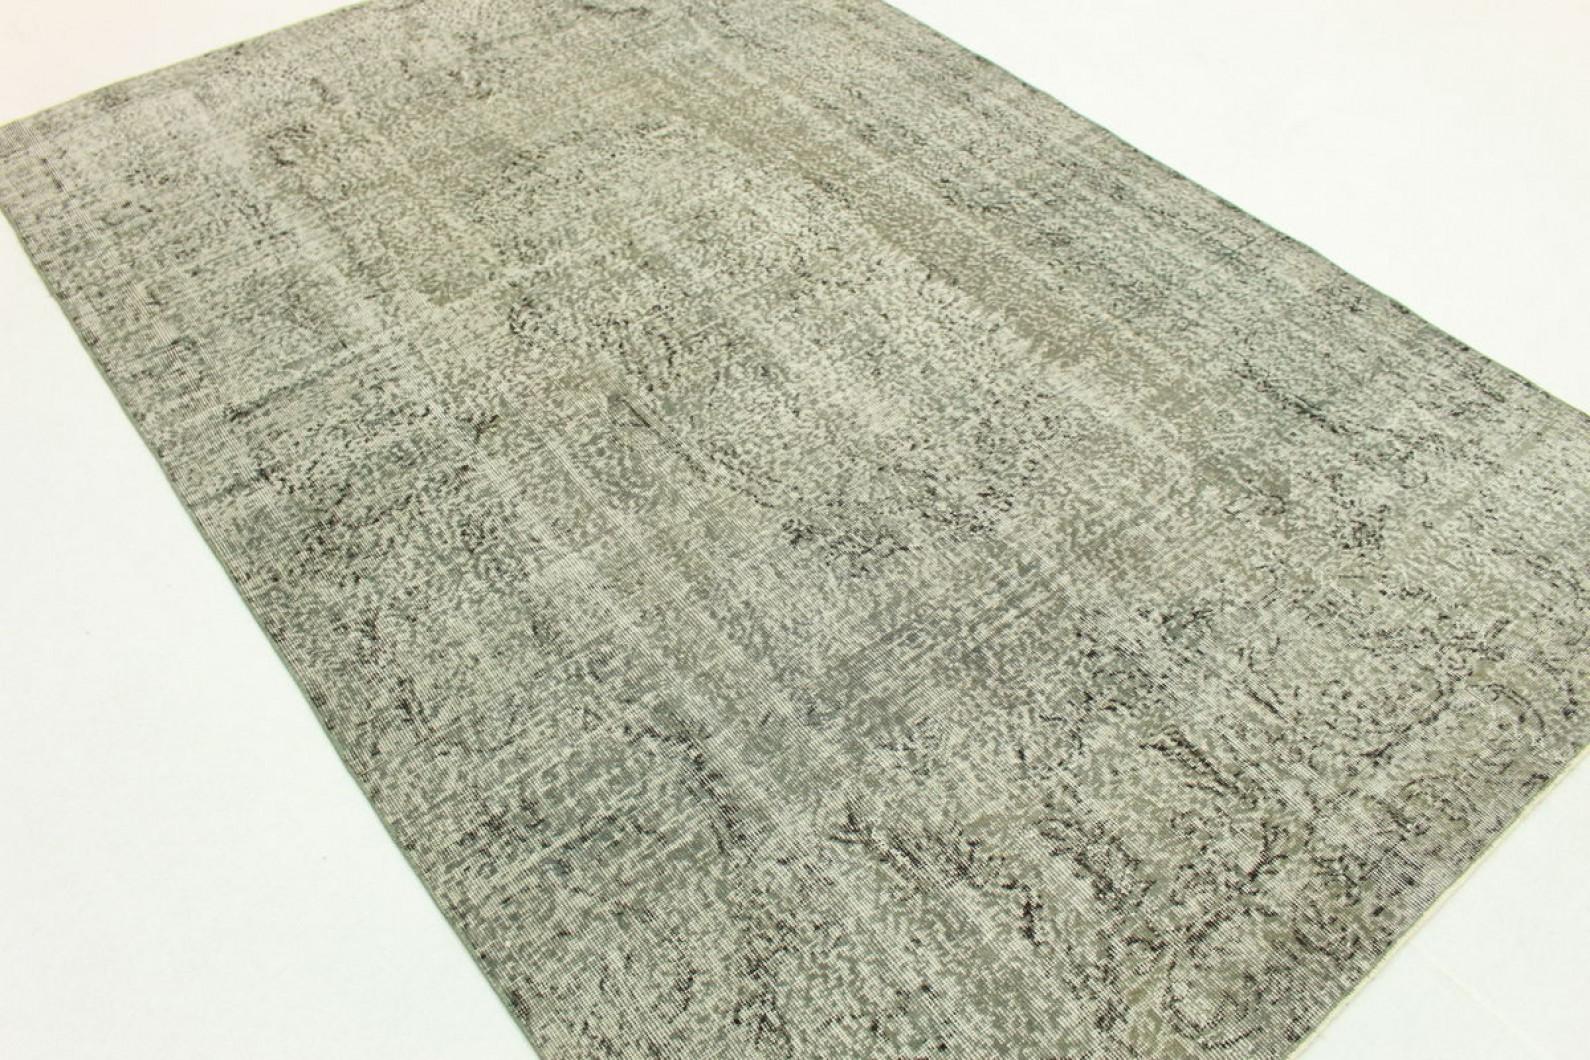 vintage teppich grau in 290x190cm 1011 21 bei kaufen. Black Bedroom Furniture Sets. Home Design Ideas